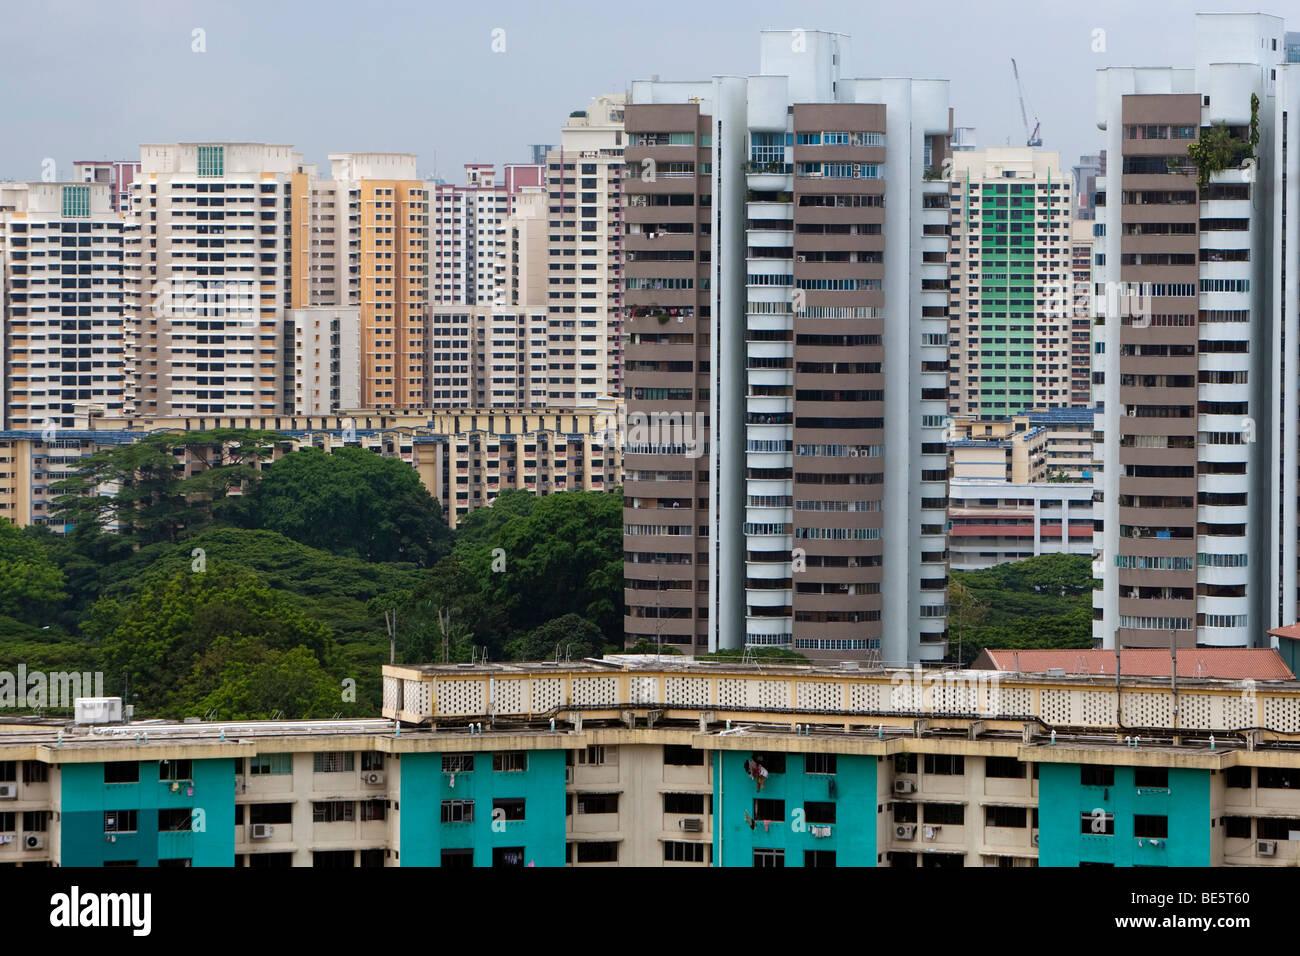 Lo skyline di Singapore, edifici a più piani con appartamenti economici, Singapore, Asia Immagini Stock